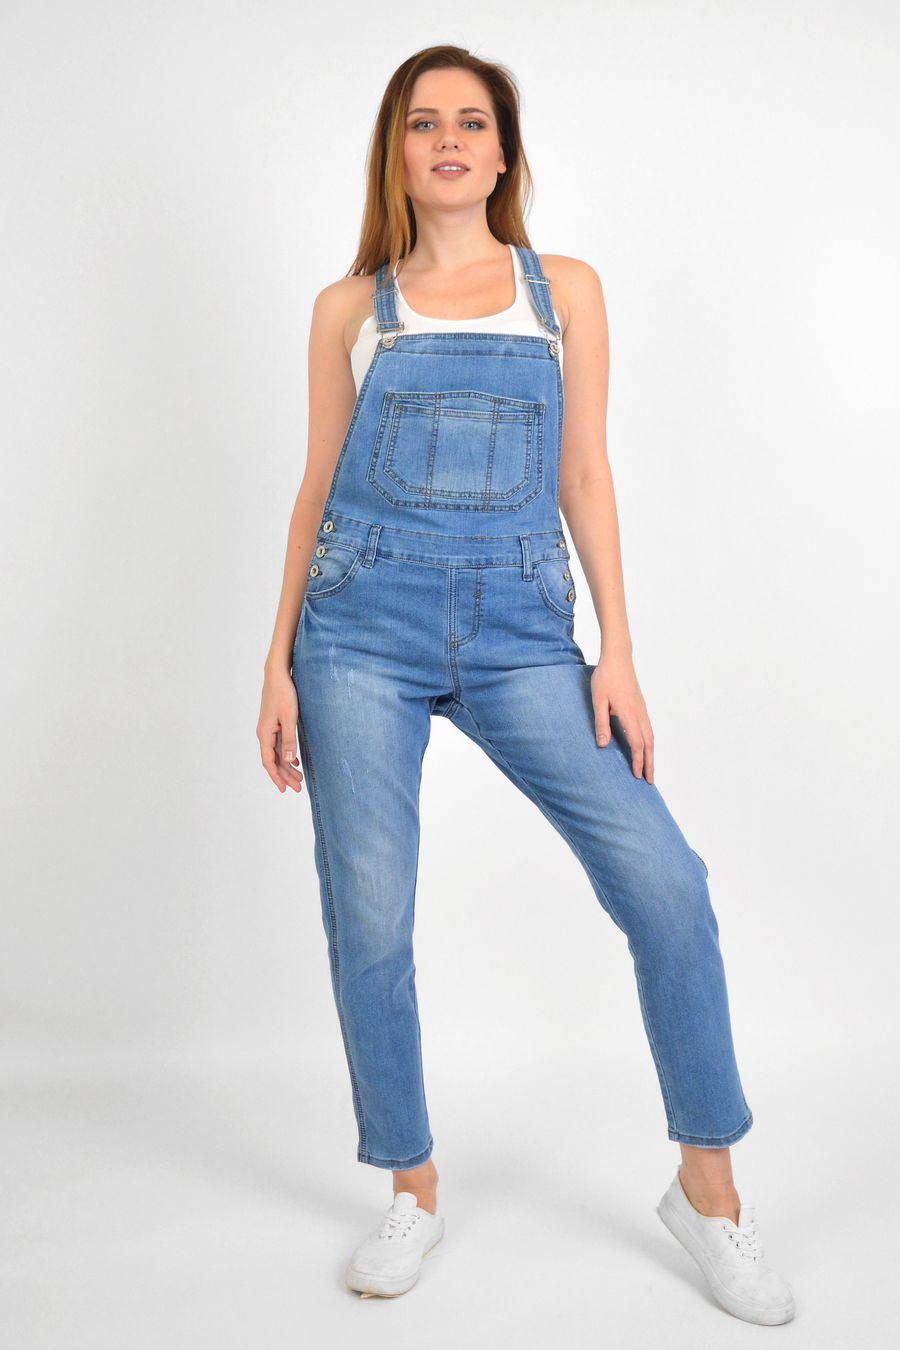 Комбинезон женский Baccino 3040 джинсовый - фото 2